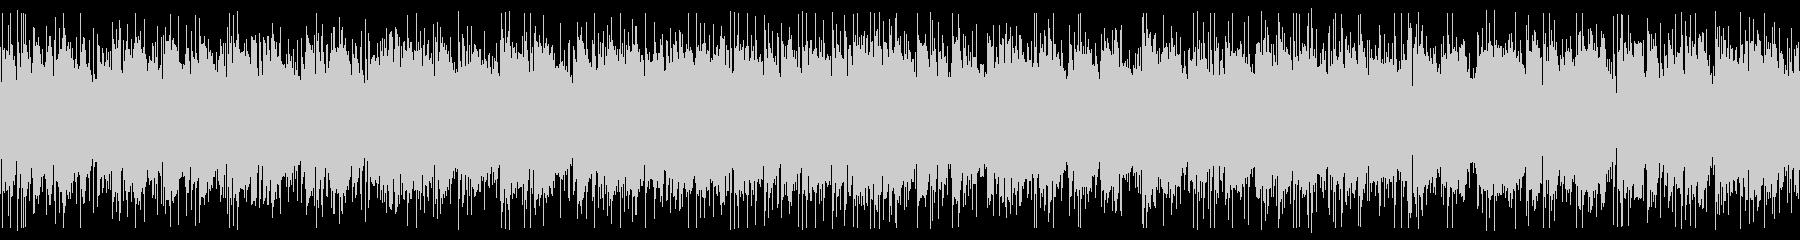 ホルン協奏曲第1番 アシッドジャズの未再生の波形